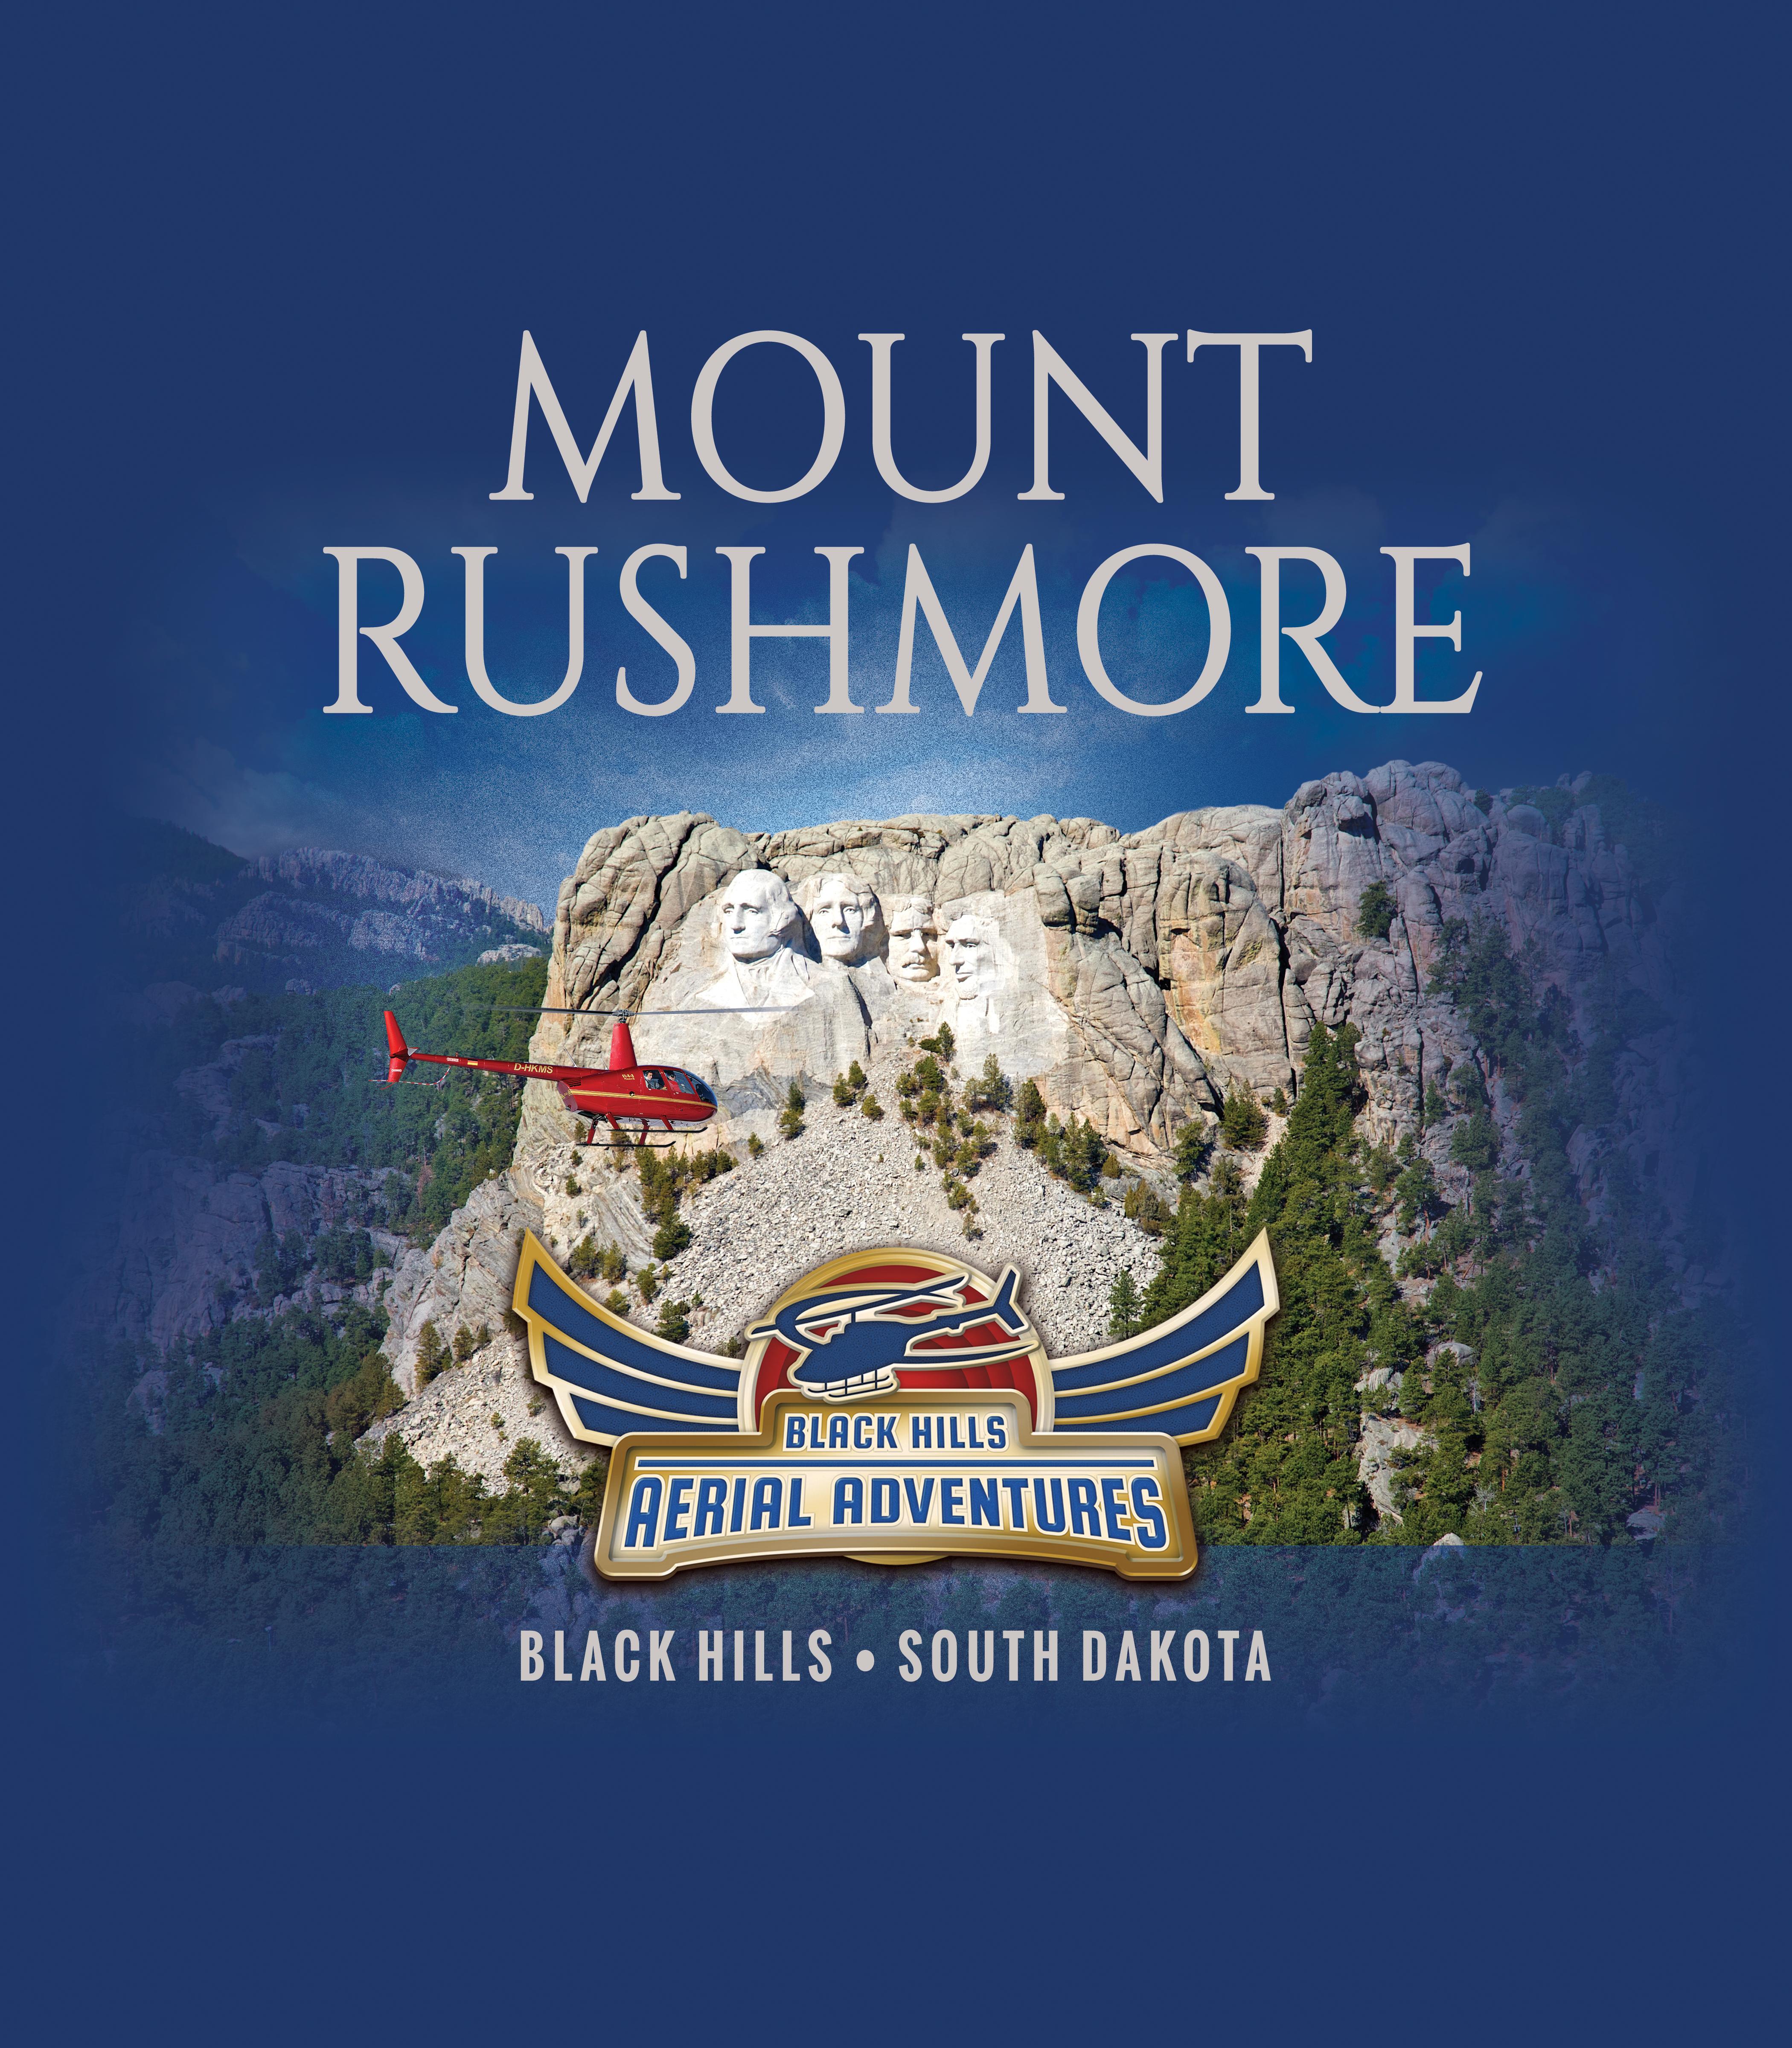 Black Hills Aerial Adventures: Mount Rushmore Shirt Design